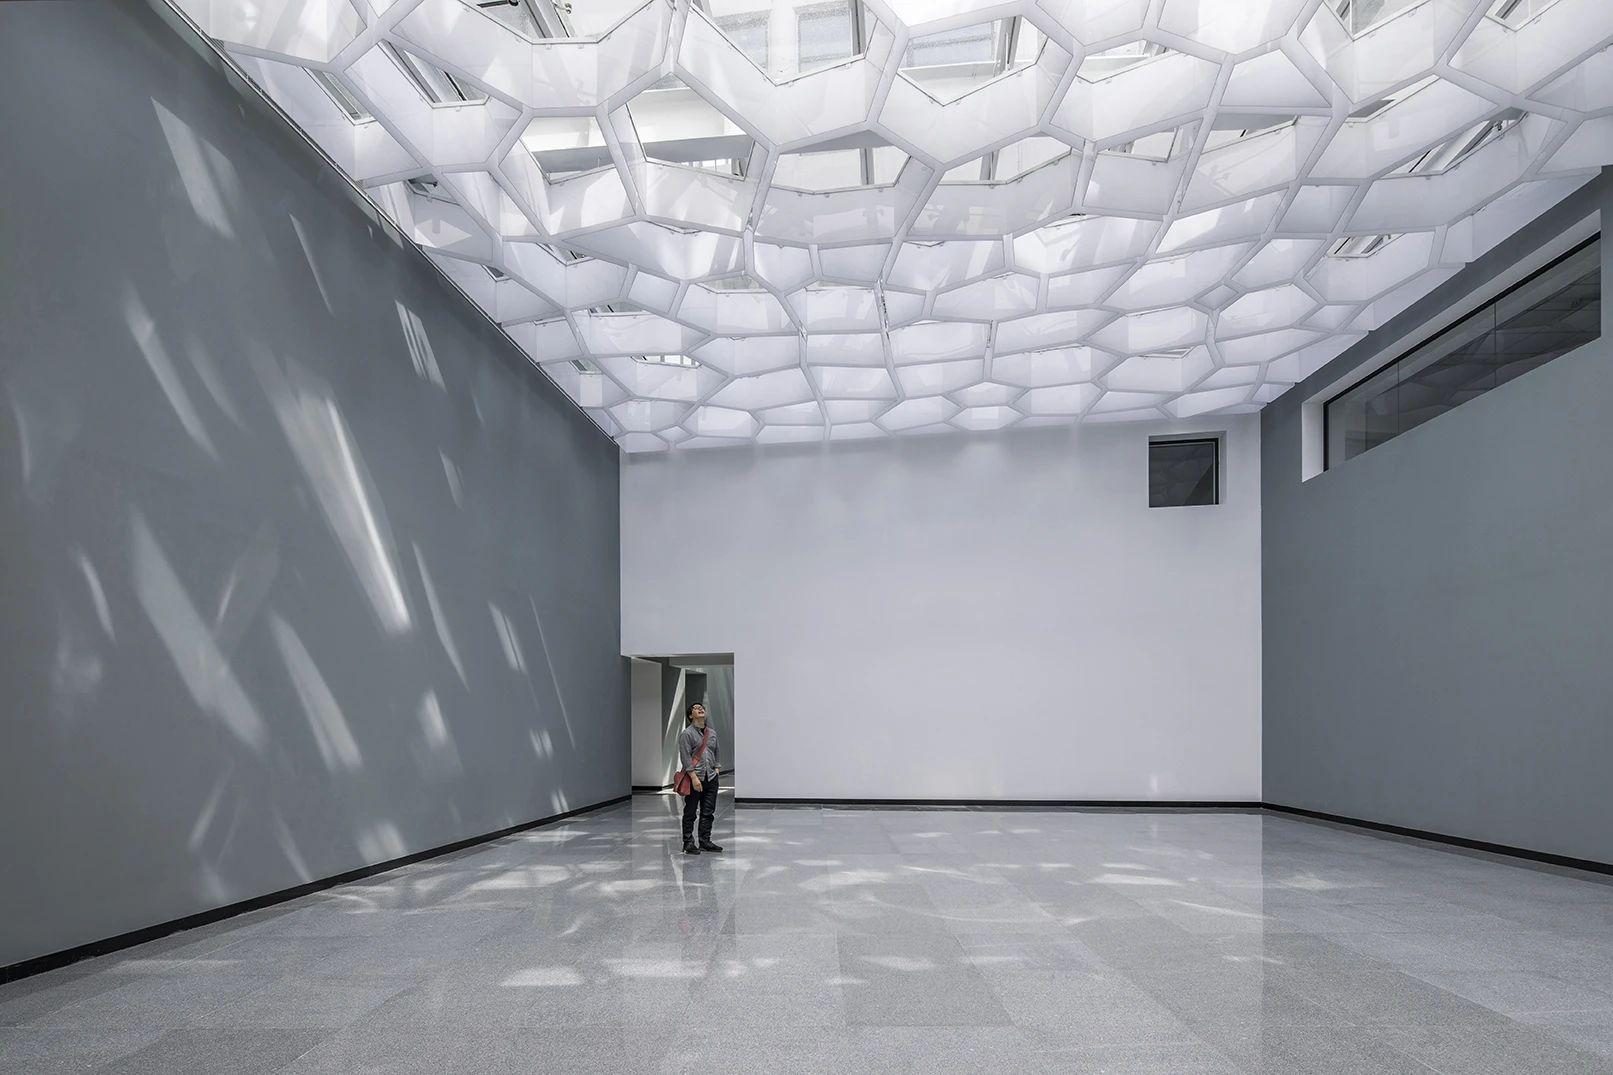 中央美术学院燕郊校区图书馆  改造设计  /  中央美术学院何崴工作室